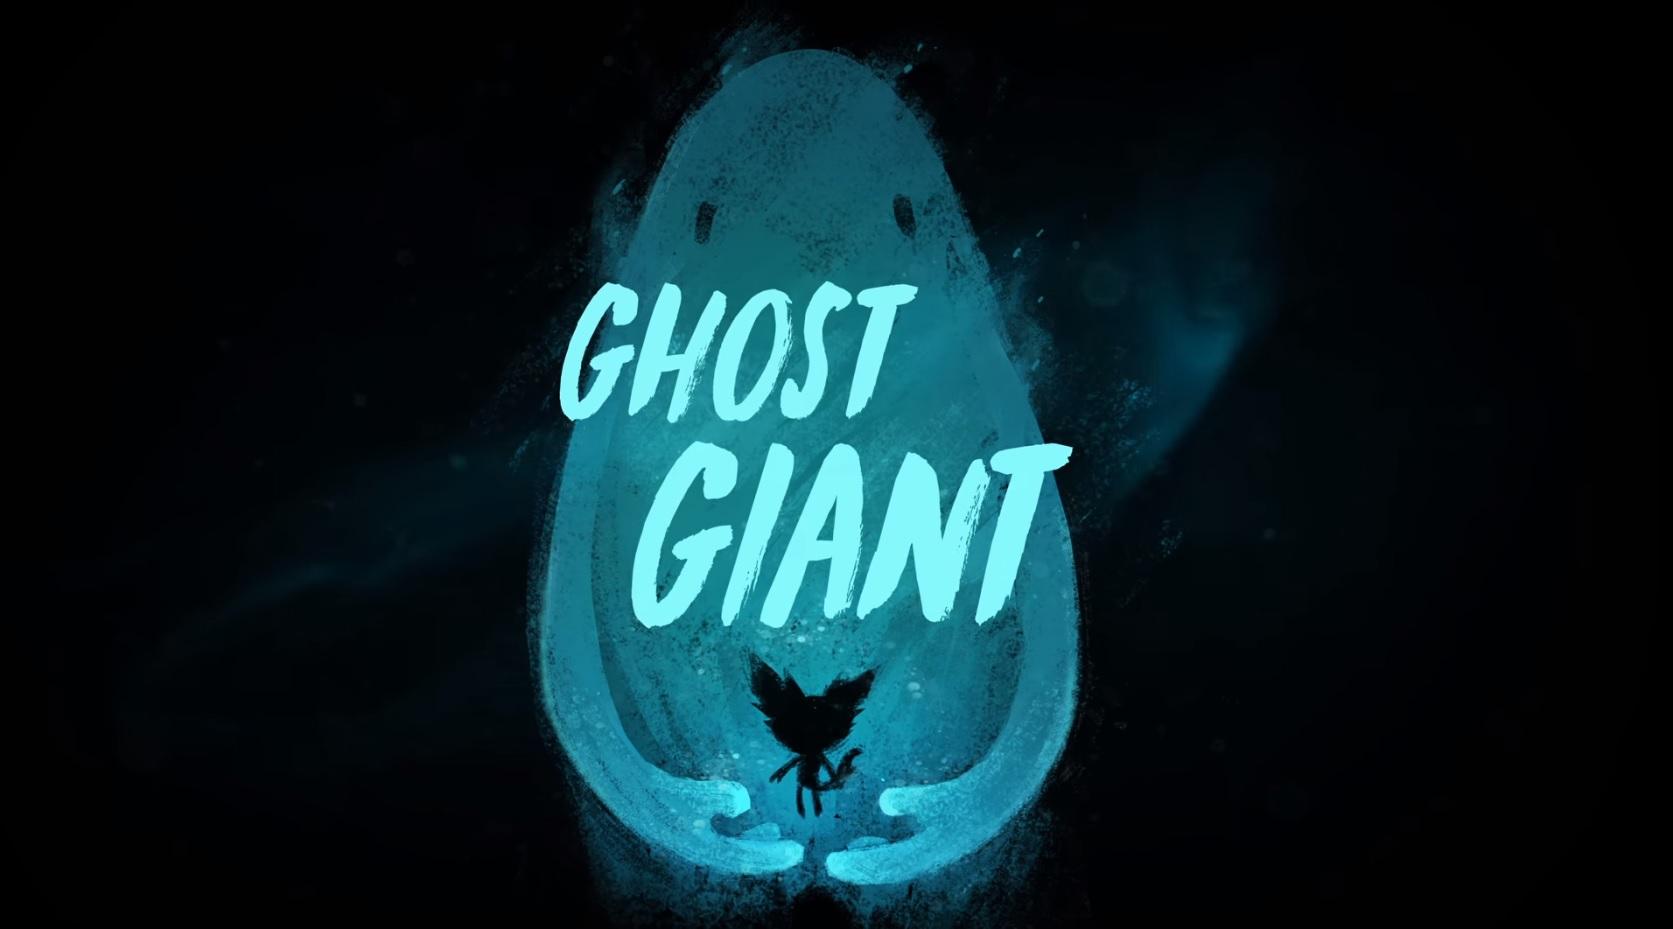 Ghost Giant – Teaser